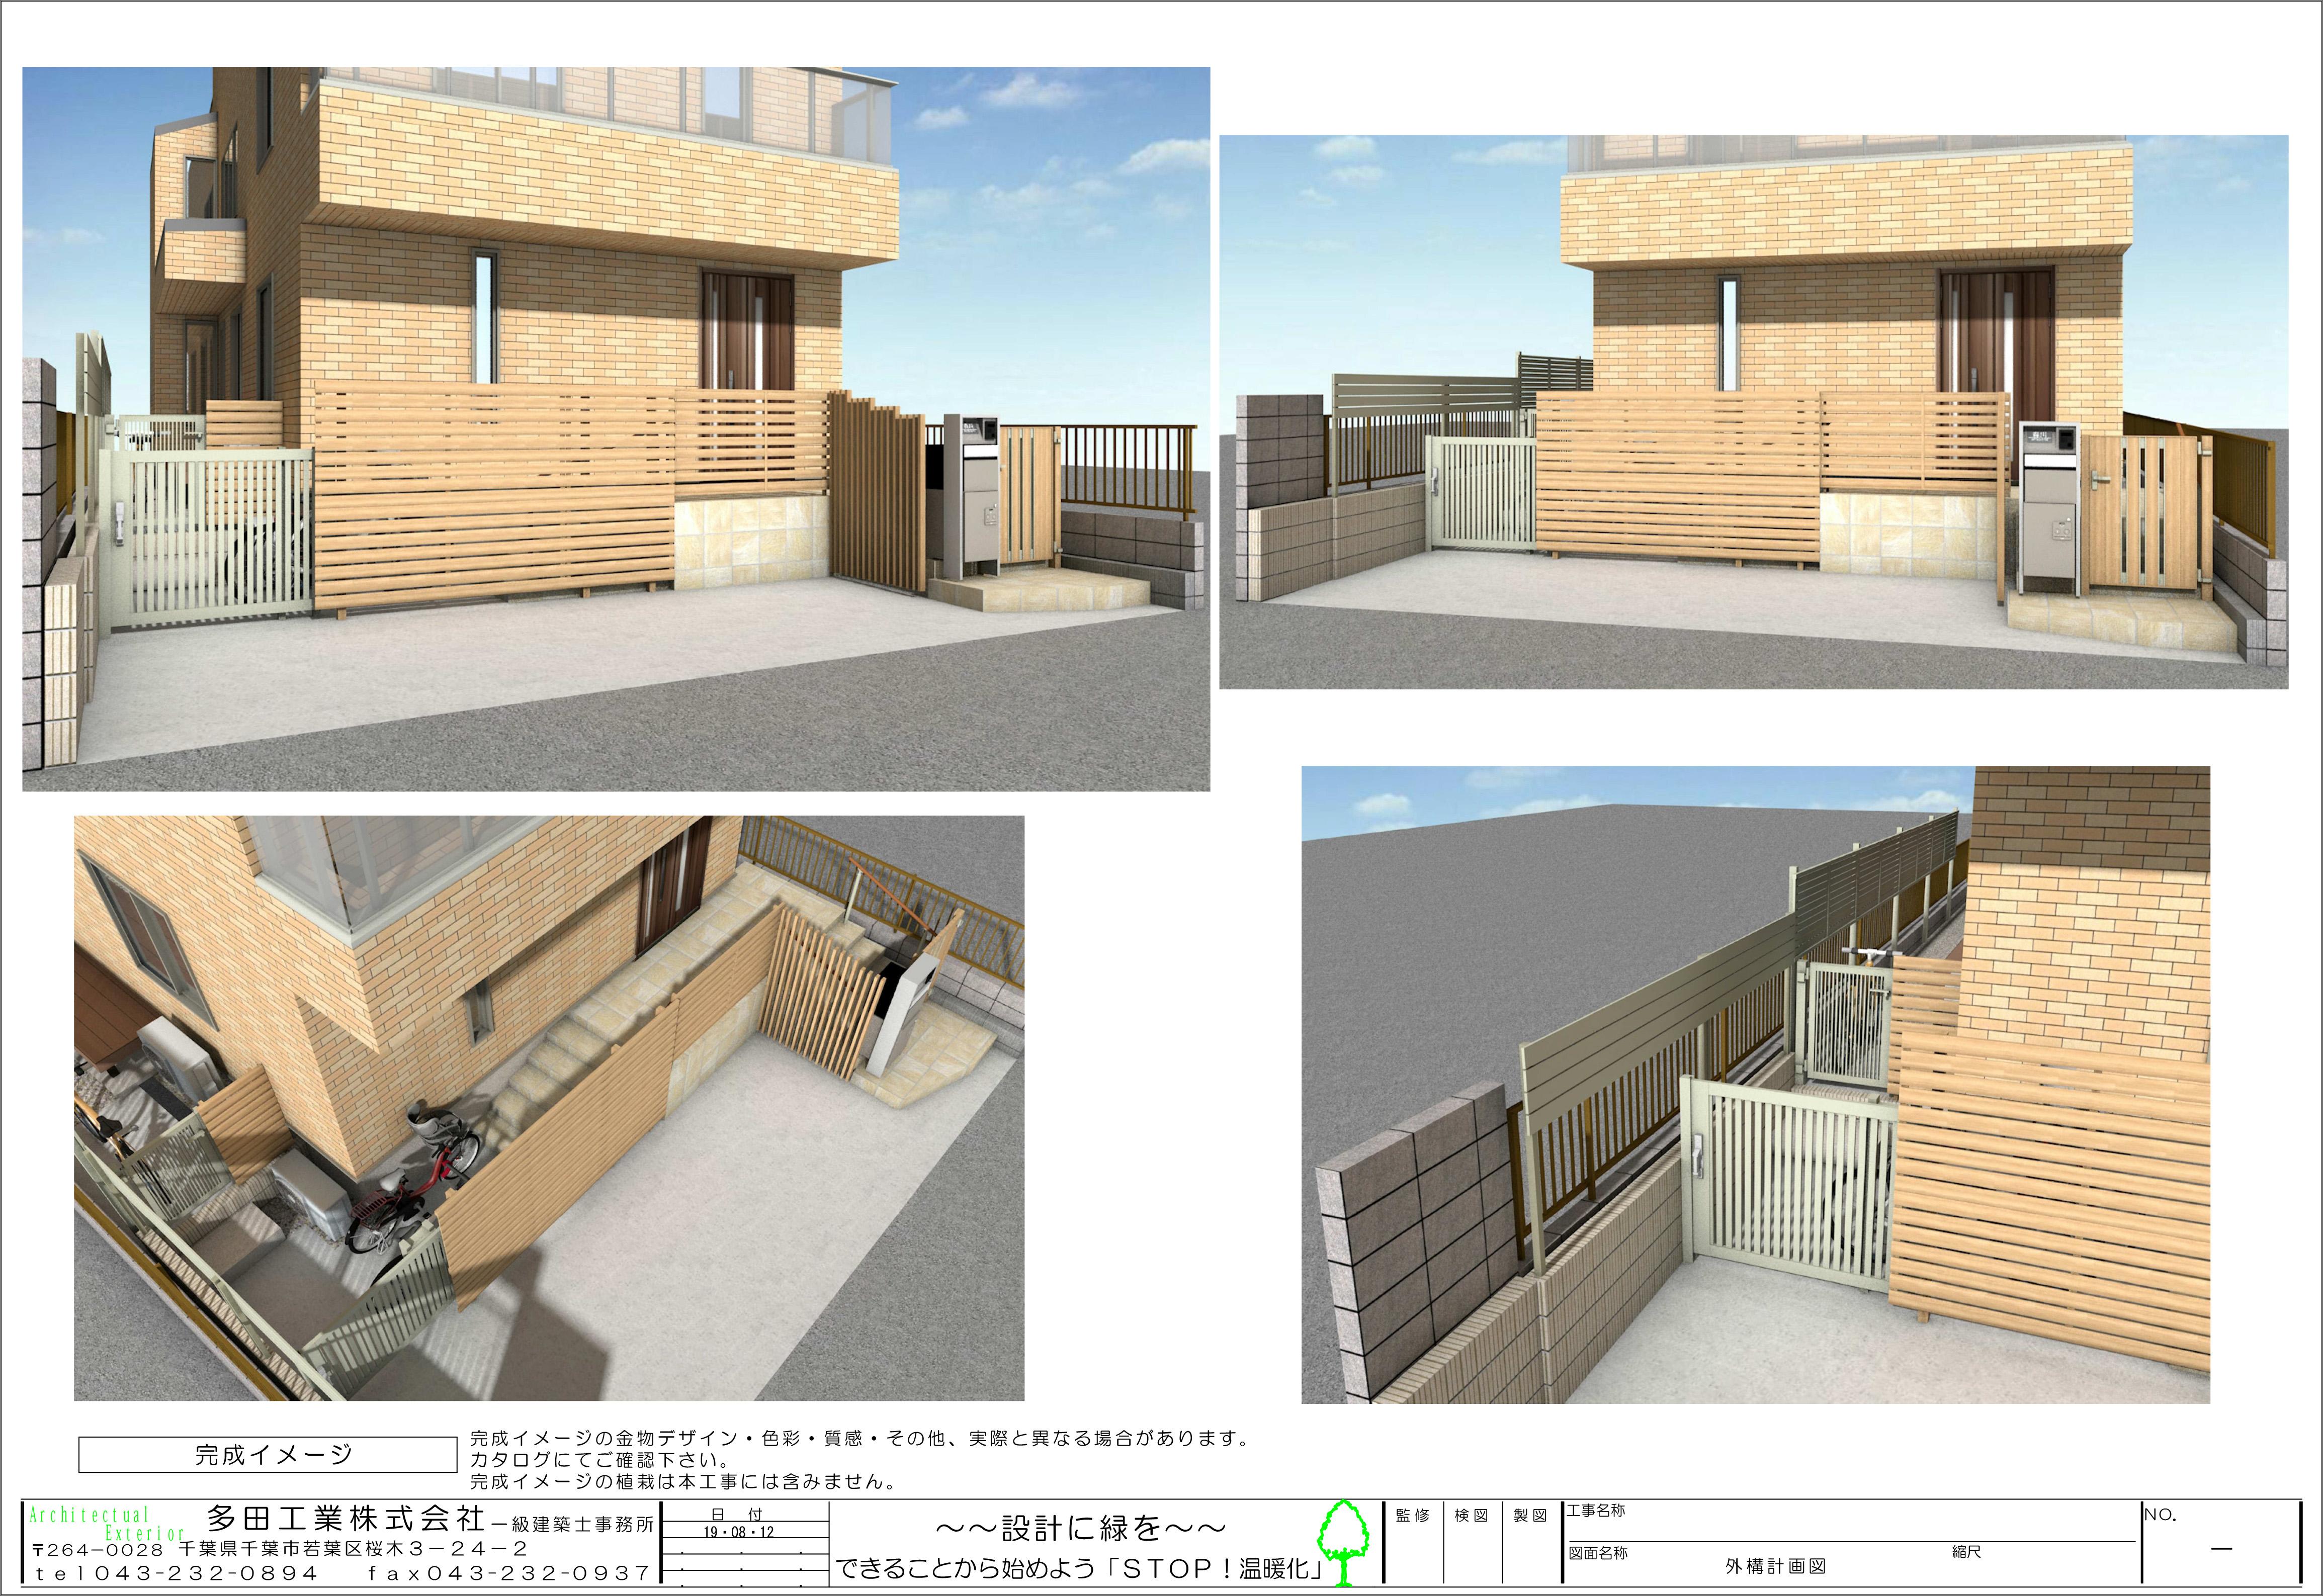 市川市。<br>ベージュカラーの建物をベースに、肌映りのいい木目調グラデーション。3